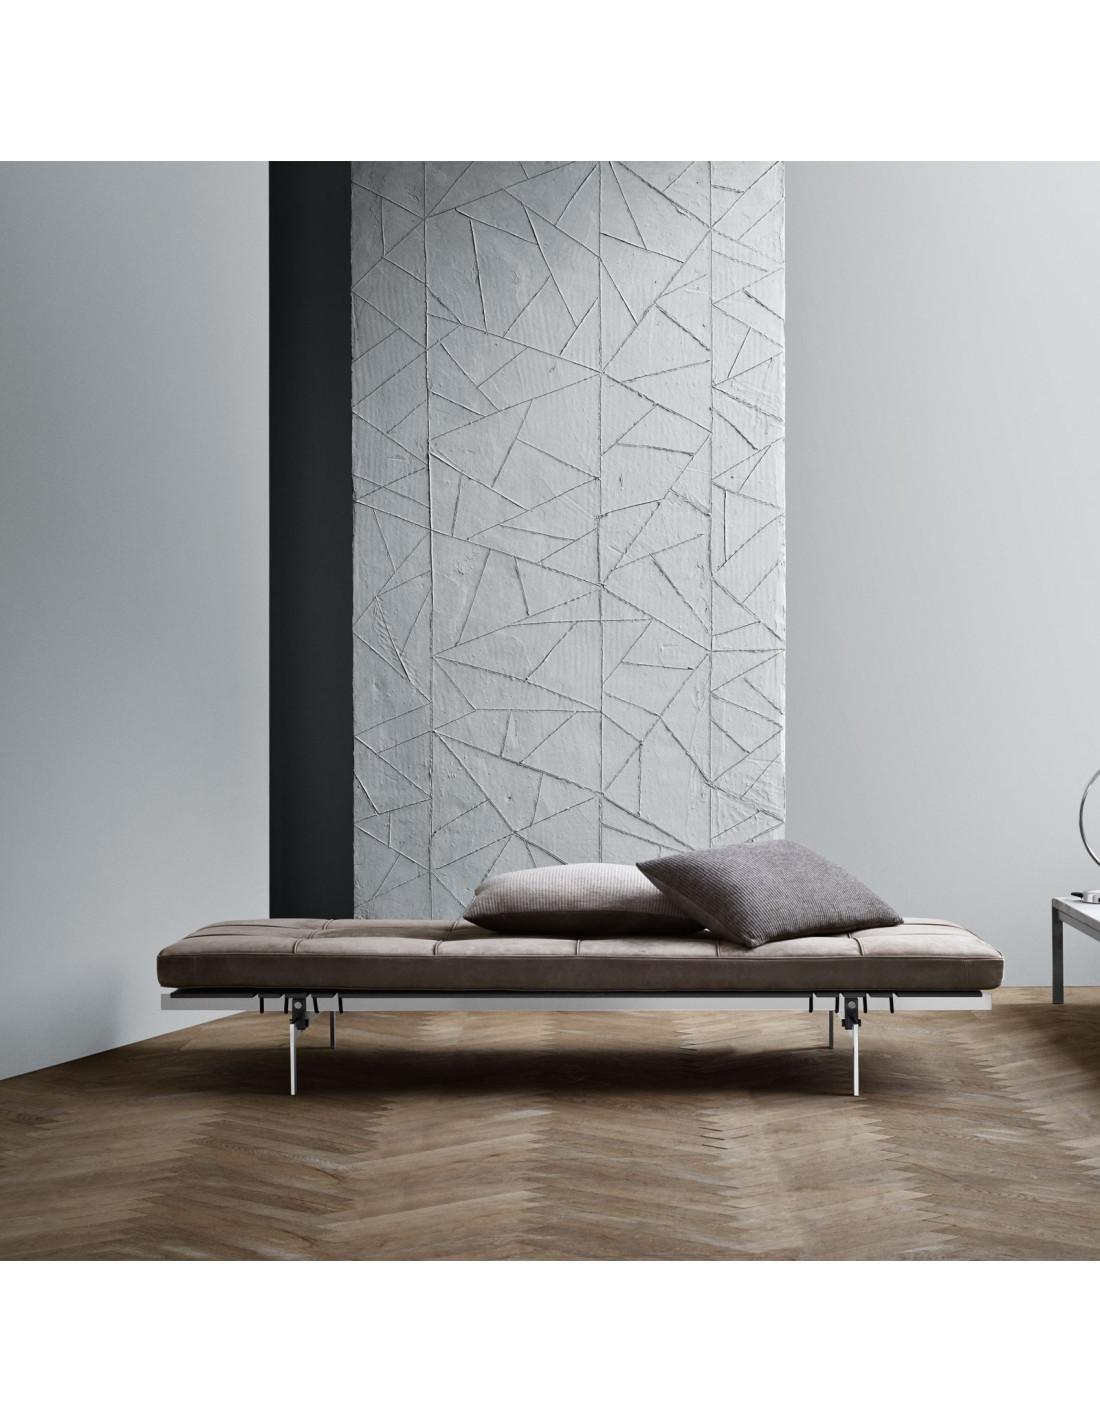 lit de jour pk80 design poul kjaerholm pour fritz hansen. Black Bedroom Furniture Sets. Home Design Ideas